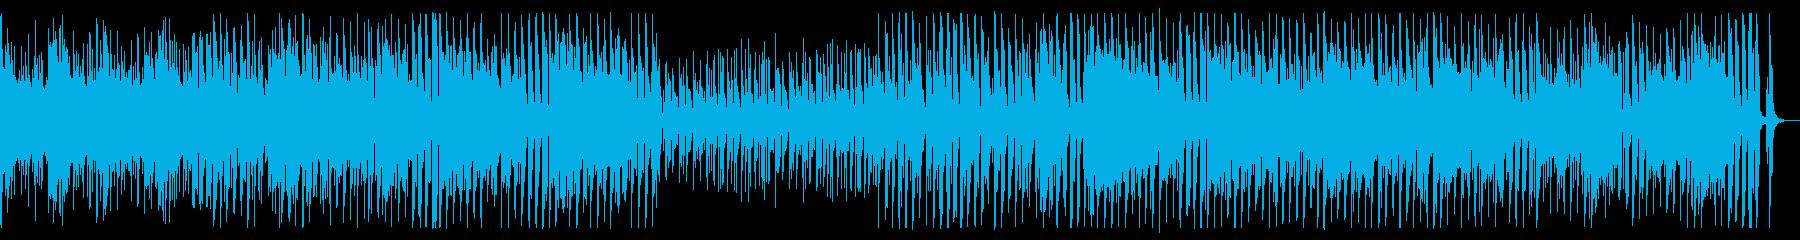 散歩。ポップス_4の再生済みの波形